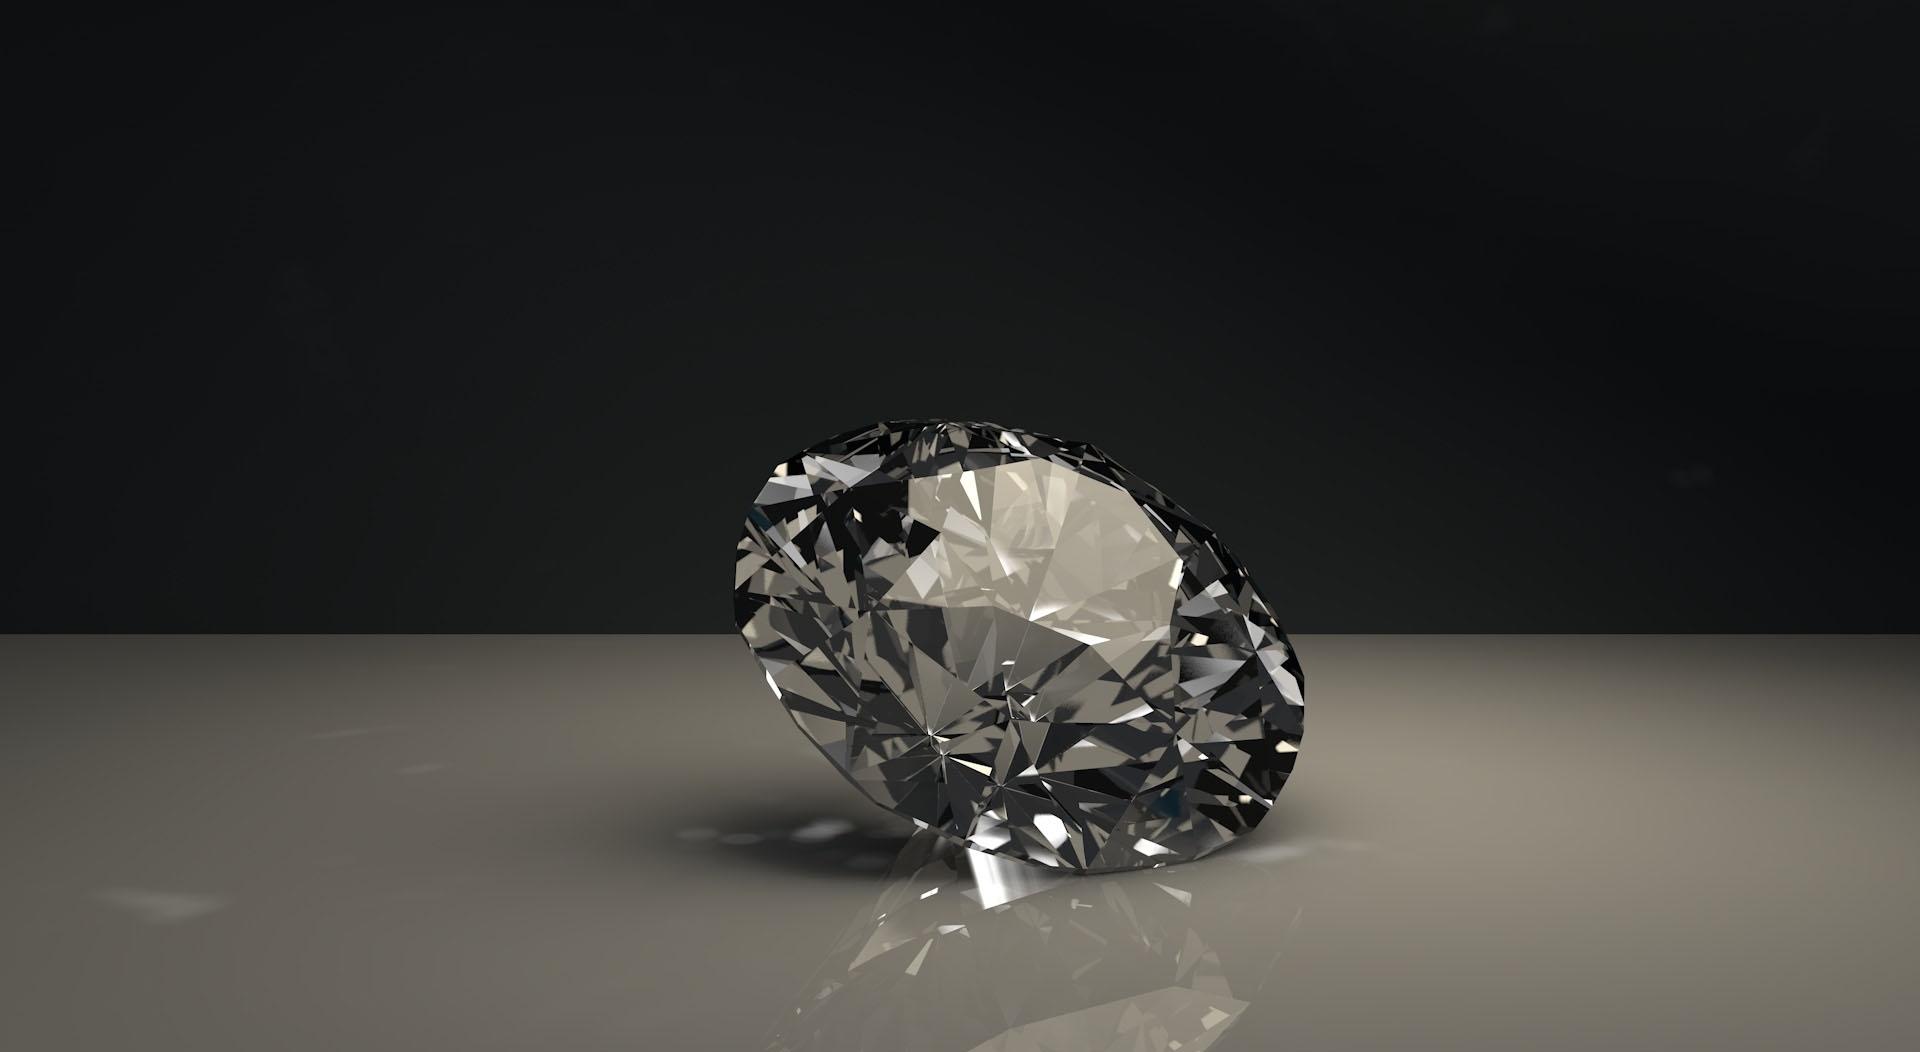 合成钻石越来越受到关注 有望打破市场格局